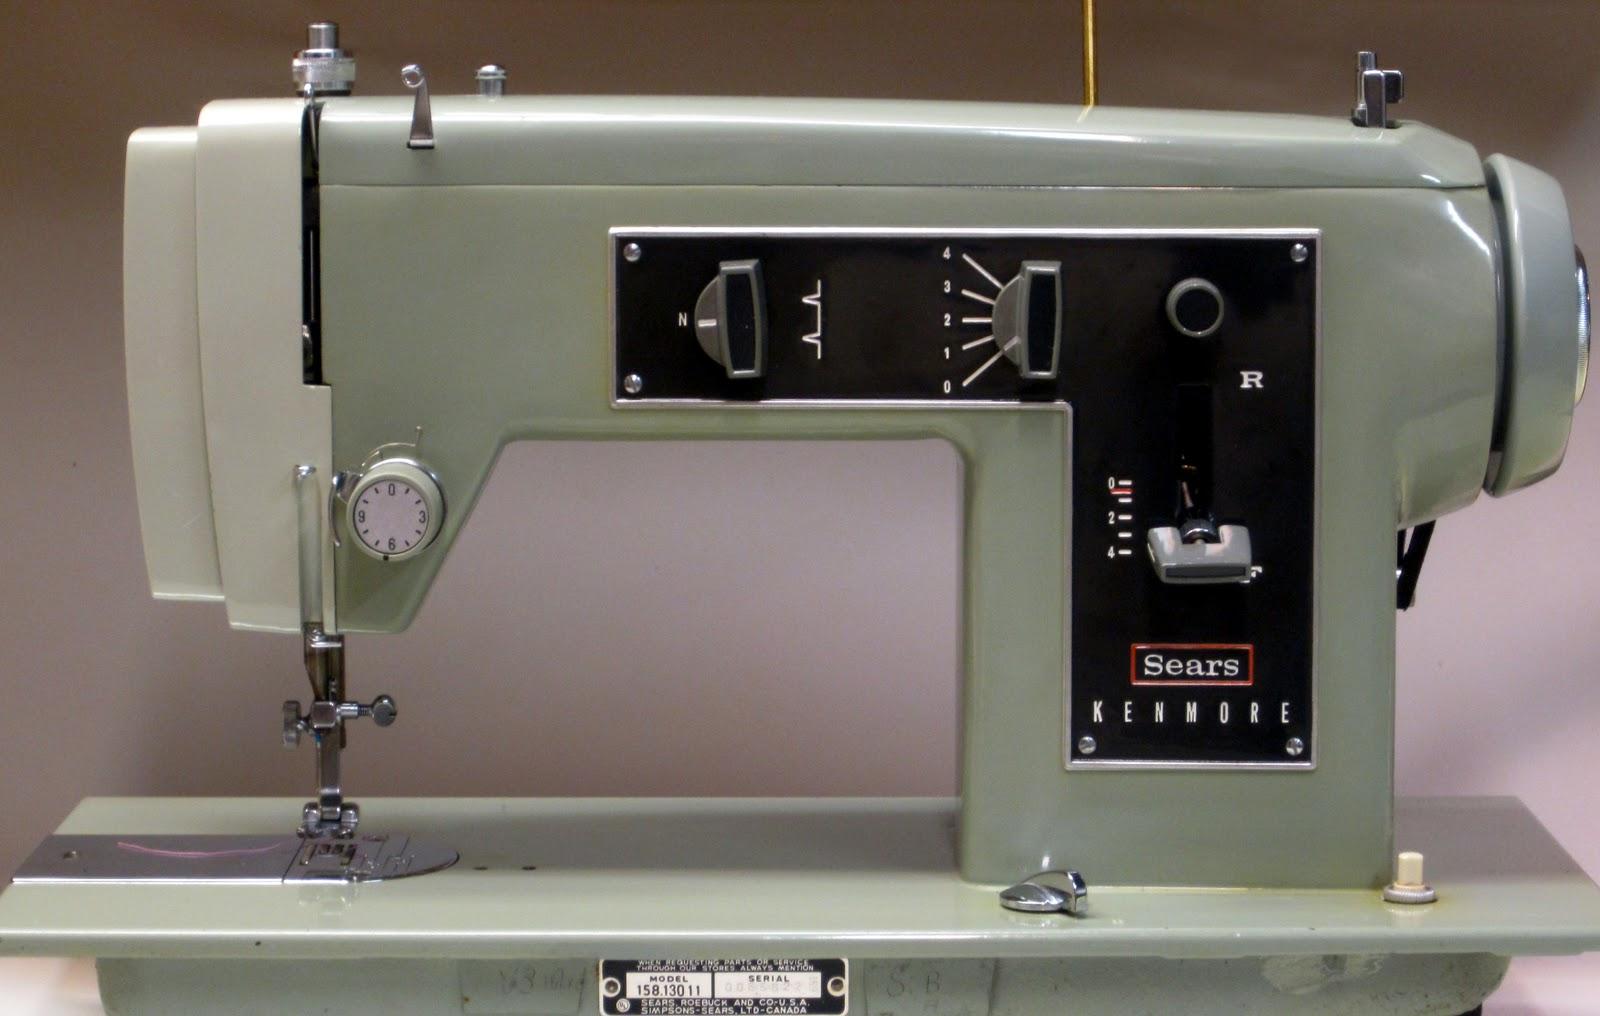 kenmore machine not making